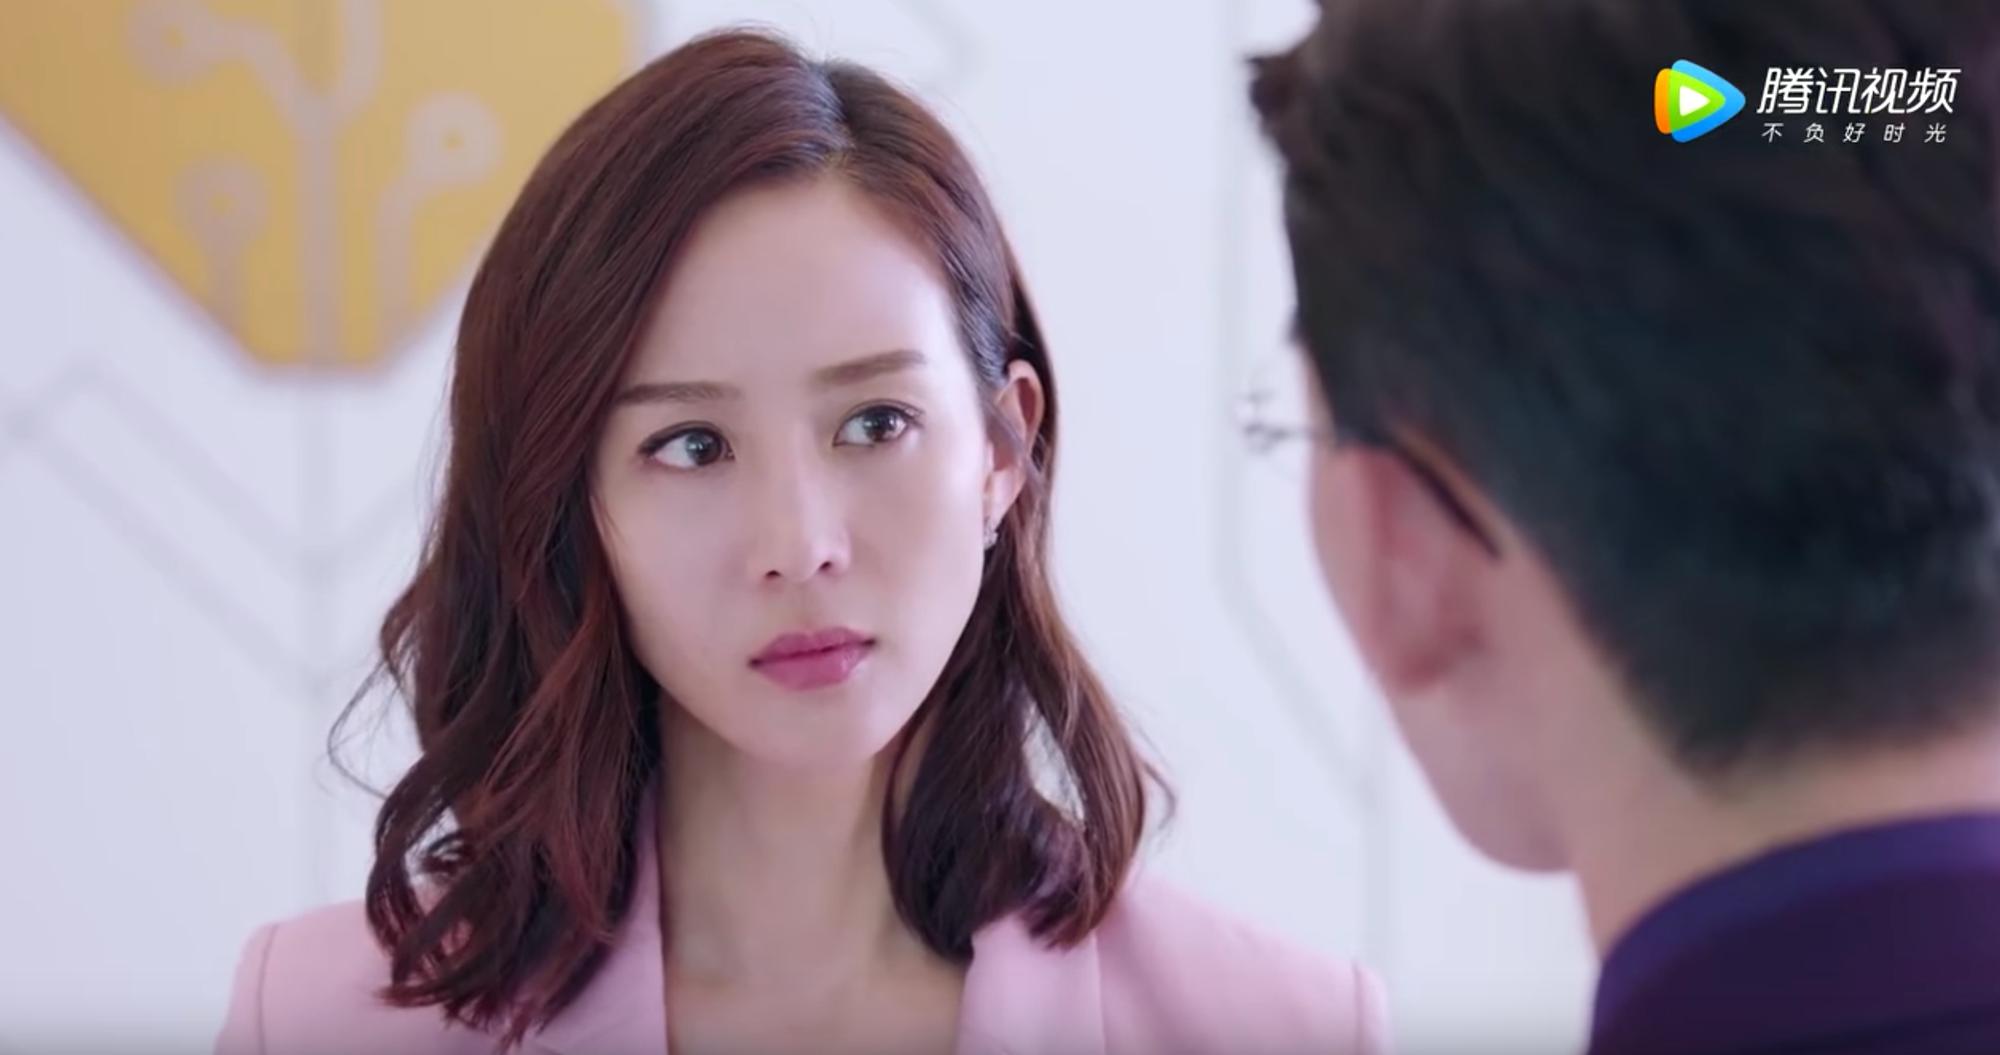 Huyền Của Ôn Noãn: Bạn gái xin nghỉ việc, Boss Trương Hàn có phải yêu sai cách rồi không? - Ảnh 1.